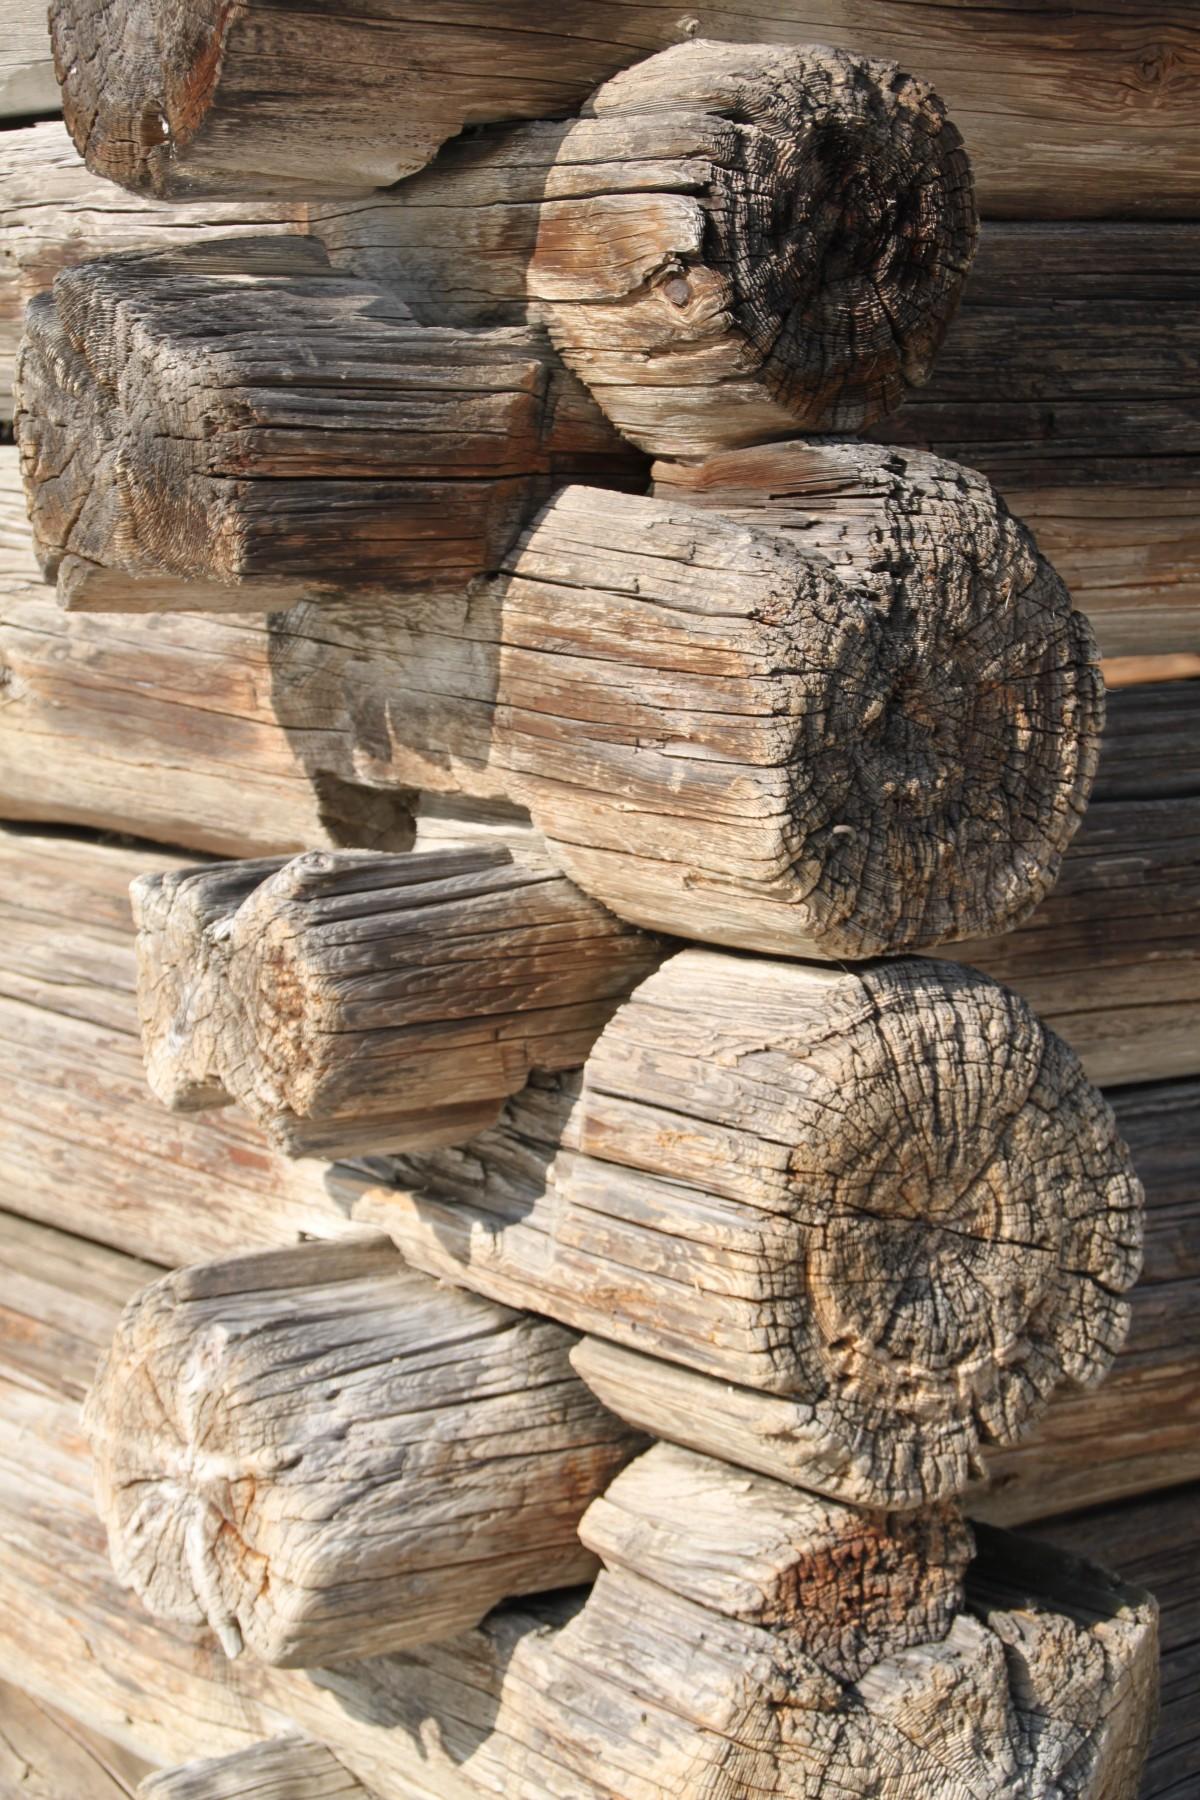 images gratuites arbre roche tronc artisanat bois d